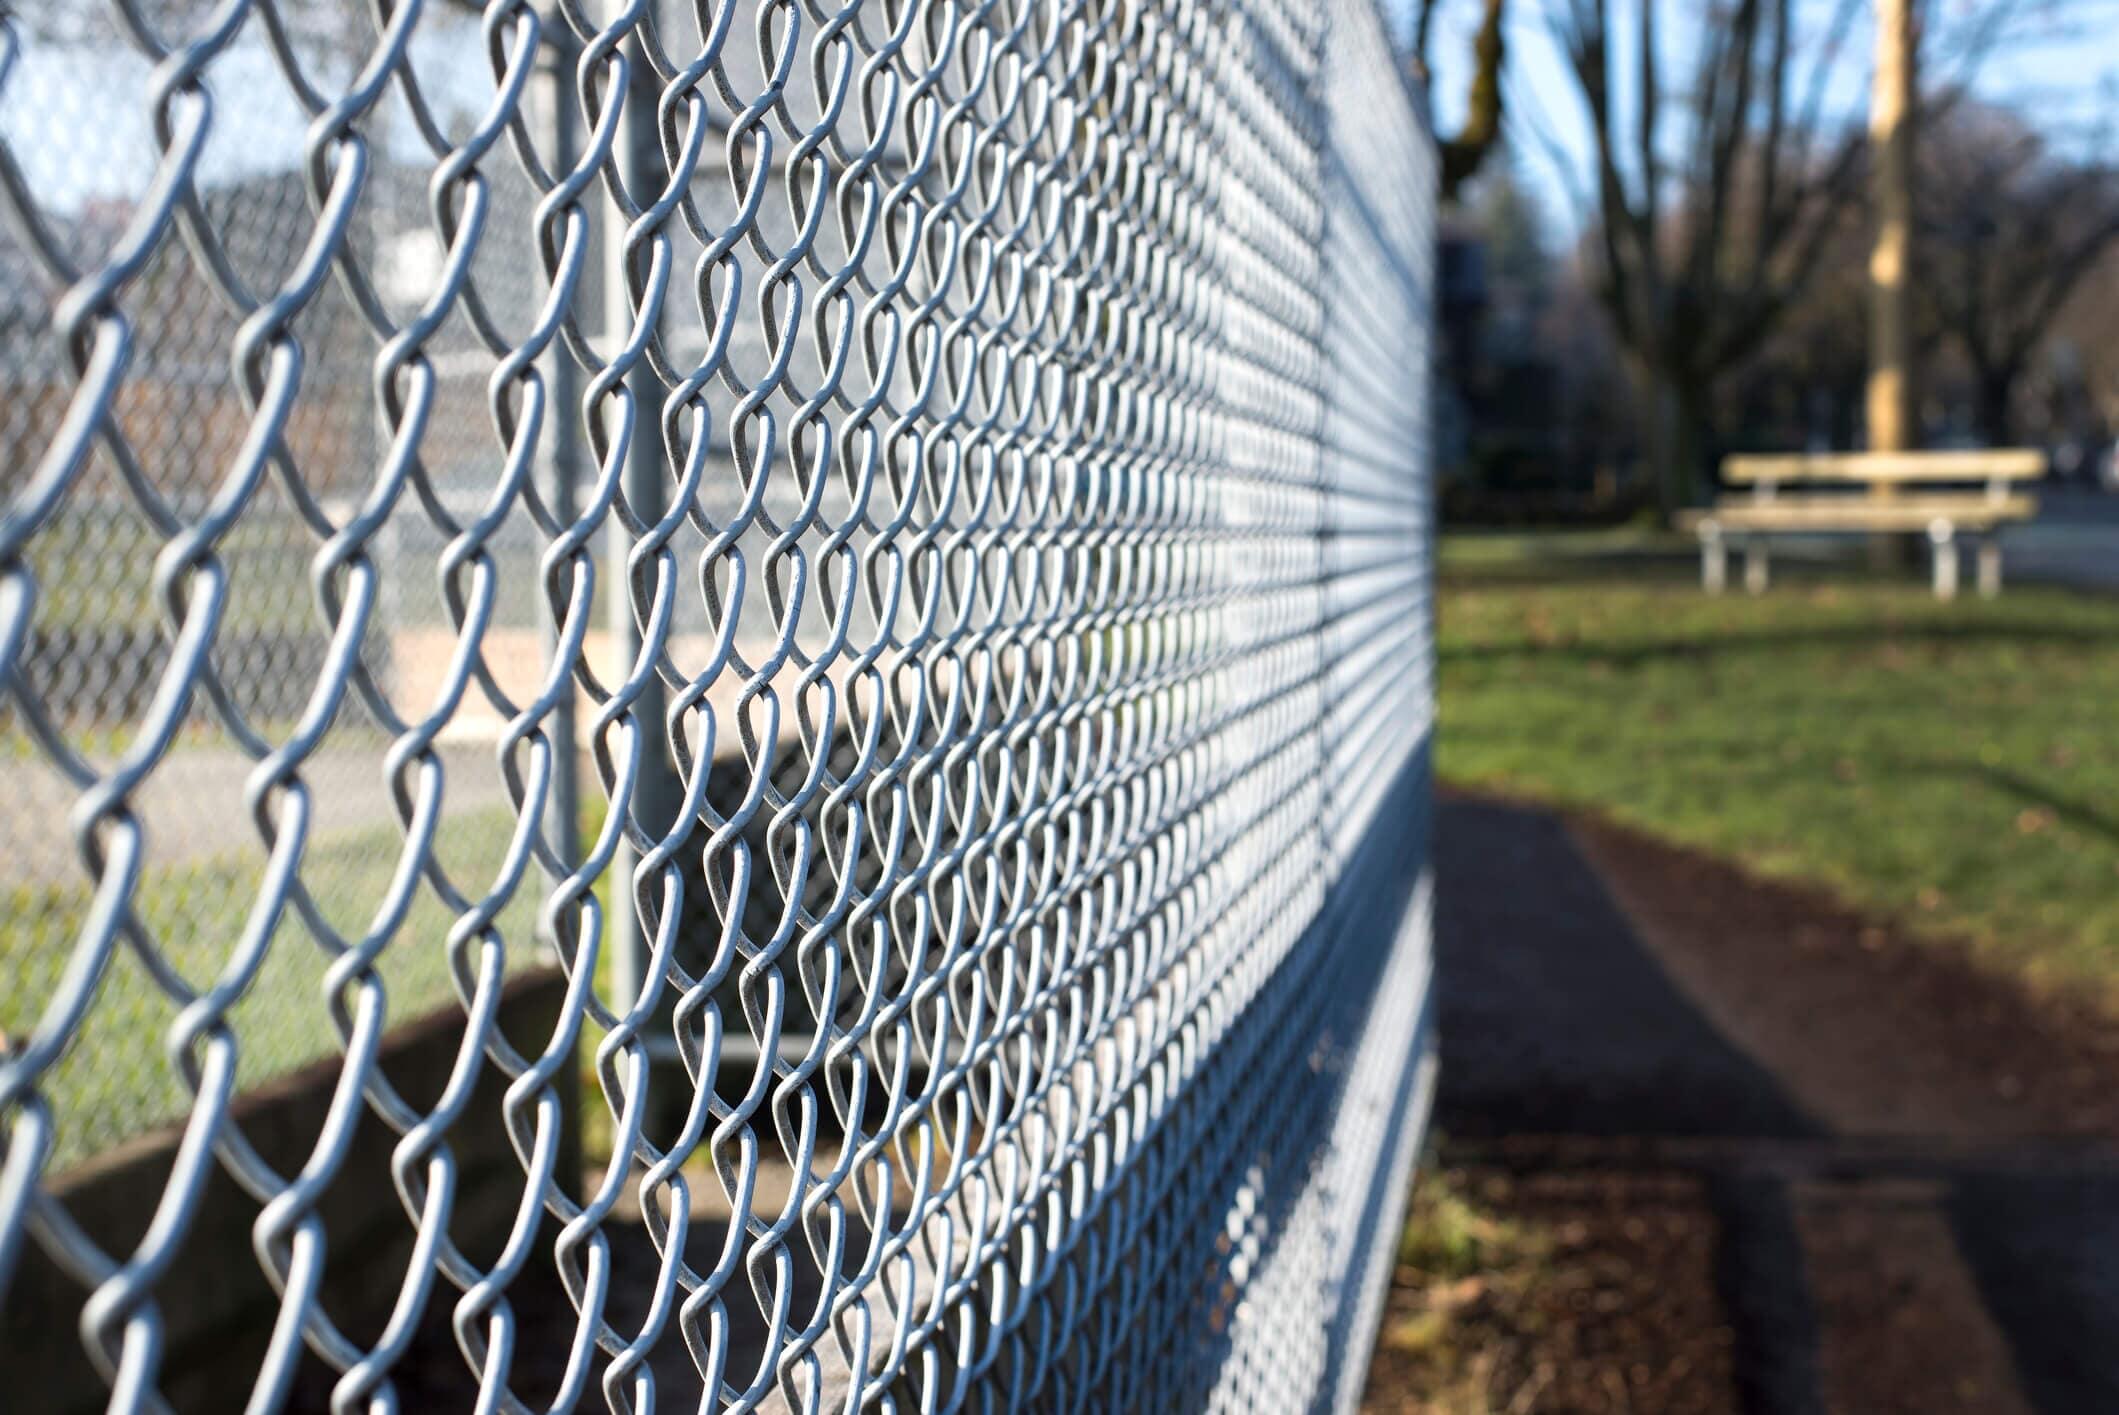 监狱钢网墙